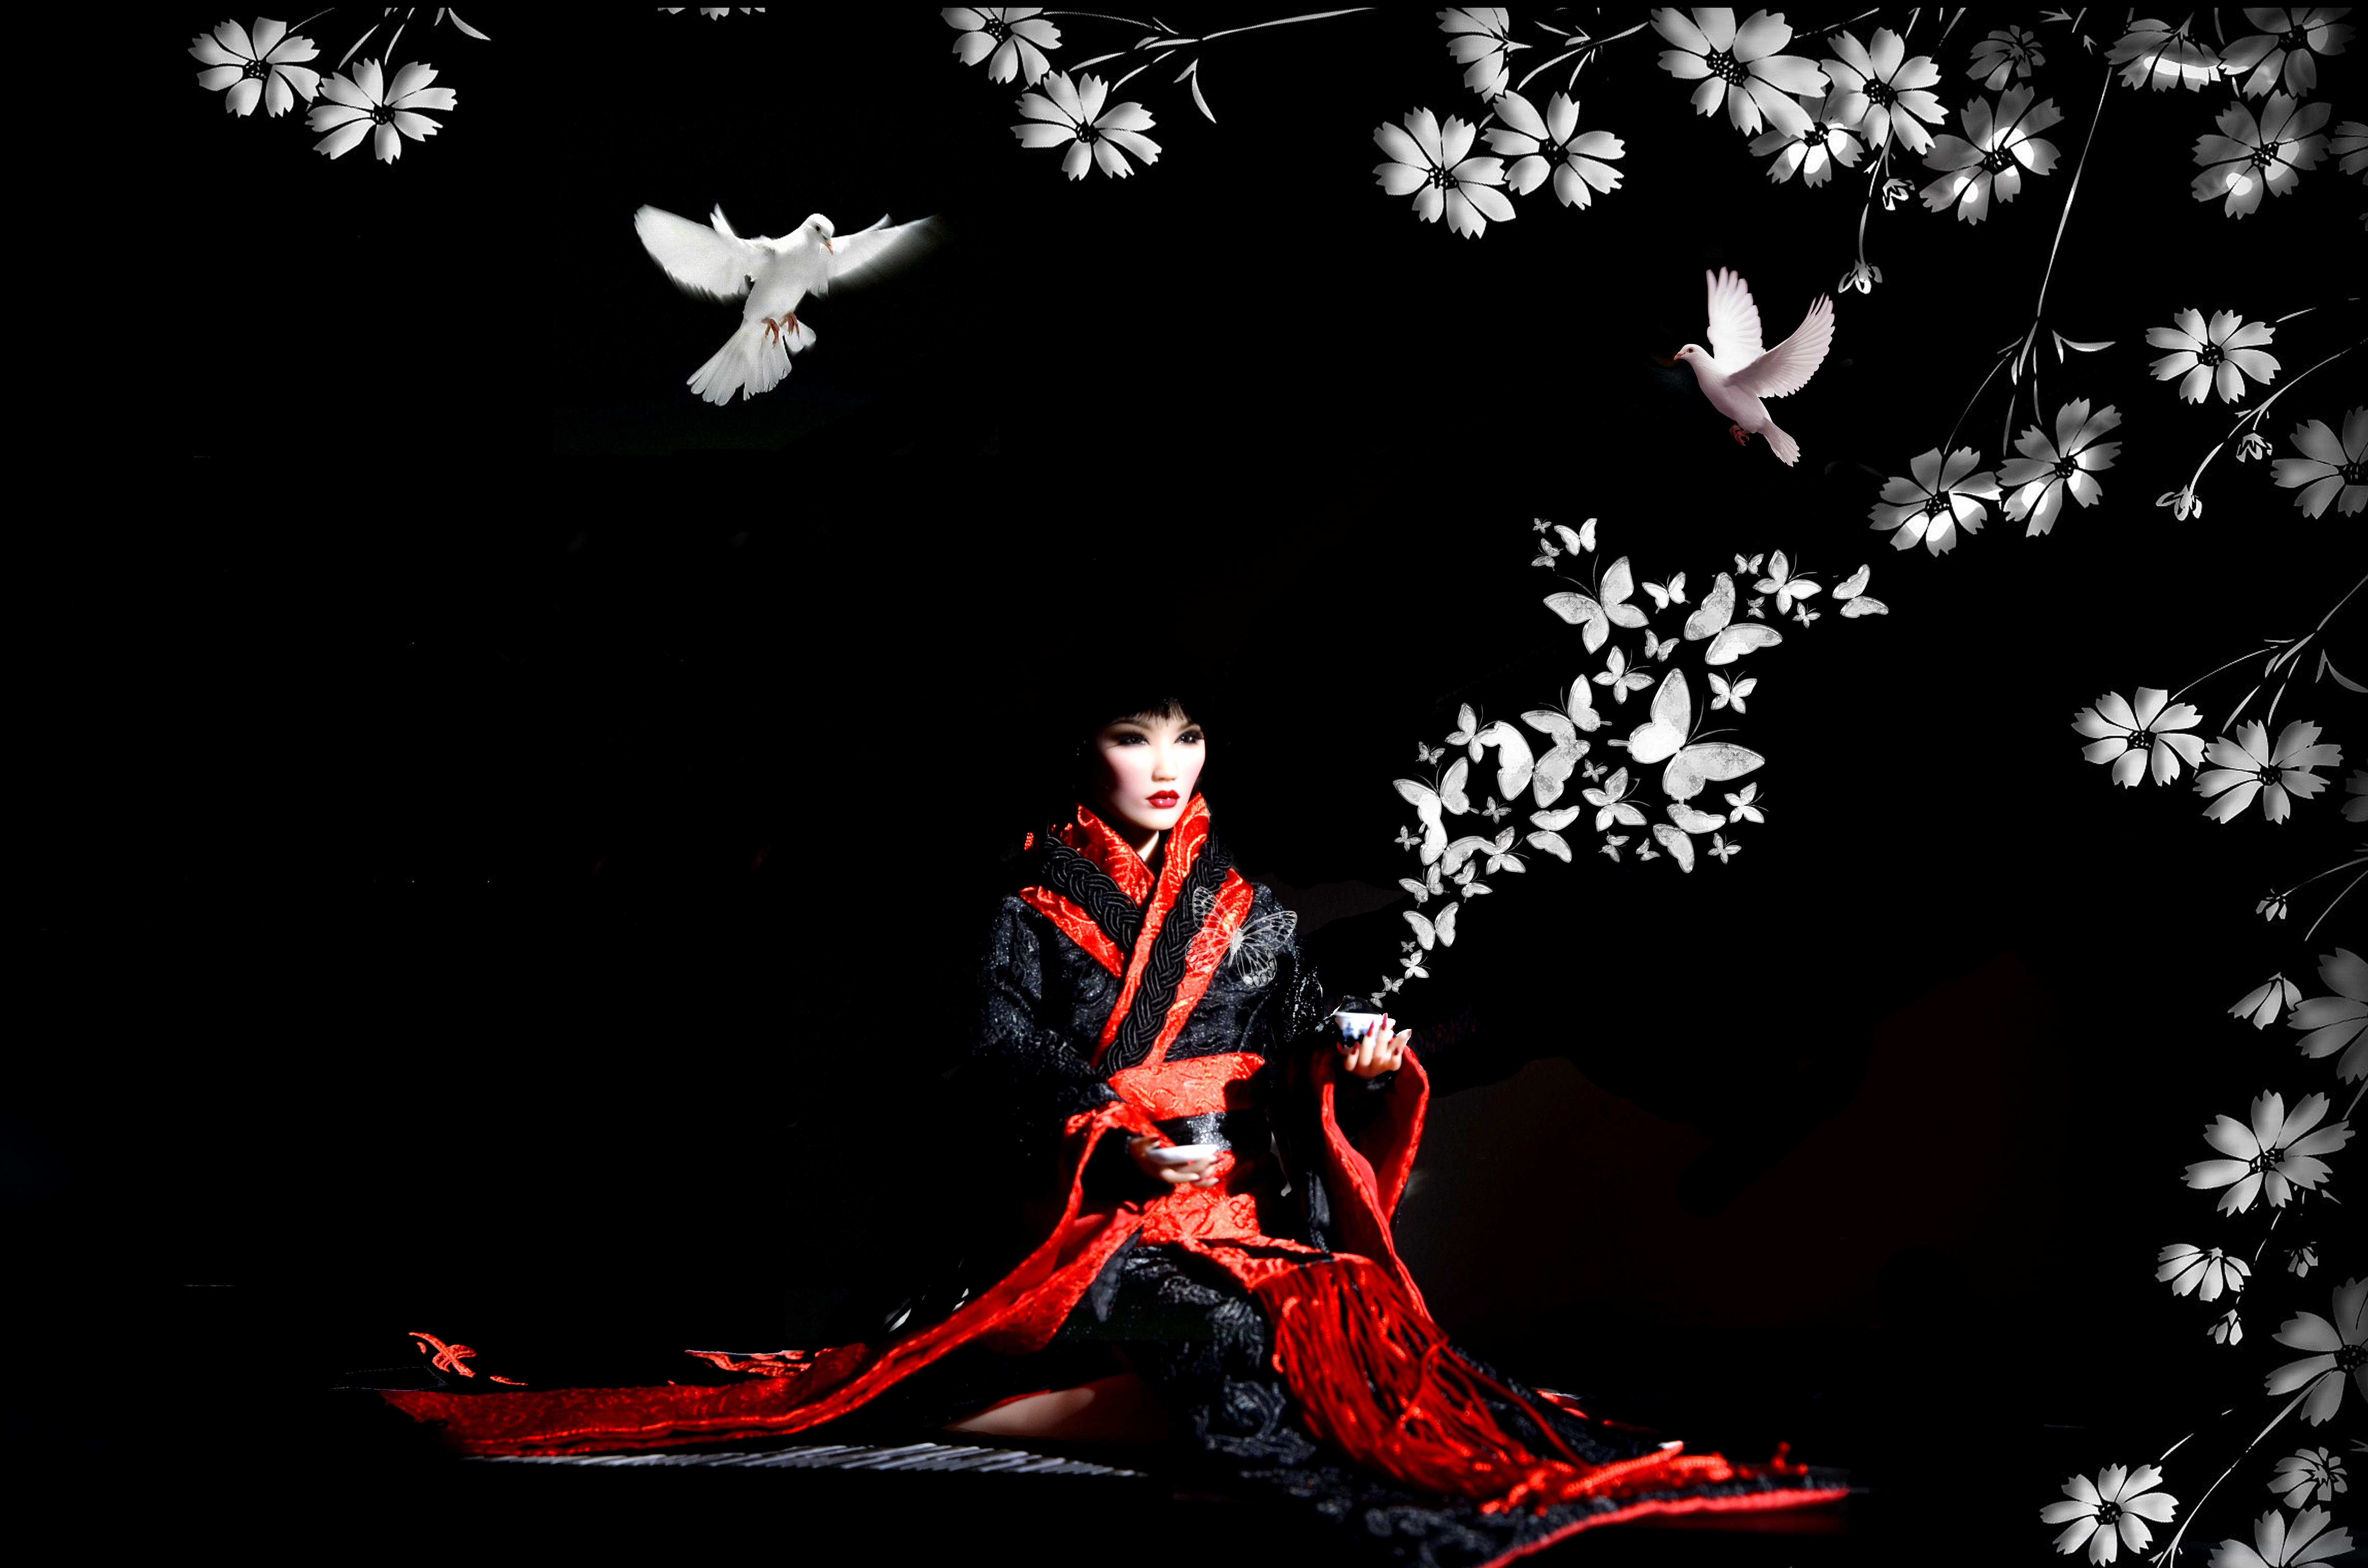 デスクトップ壁紙 黒 赤 着物 ダンサー 人形 芸者 女性 闇